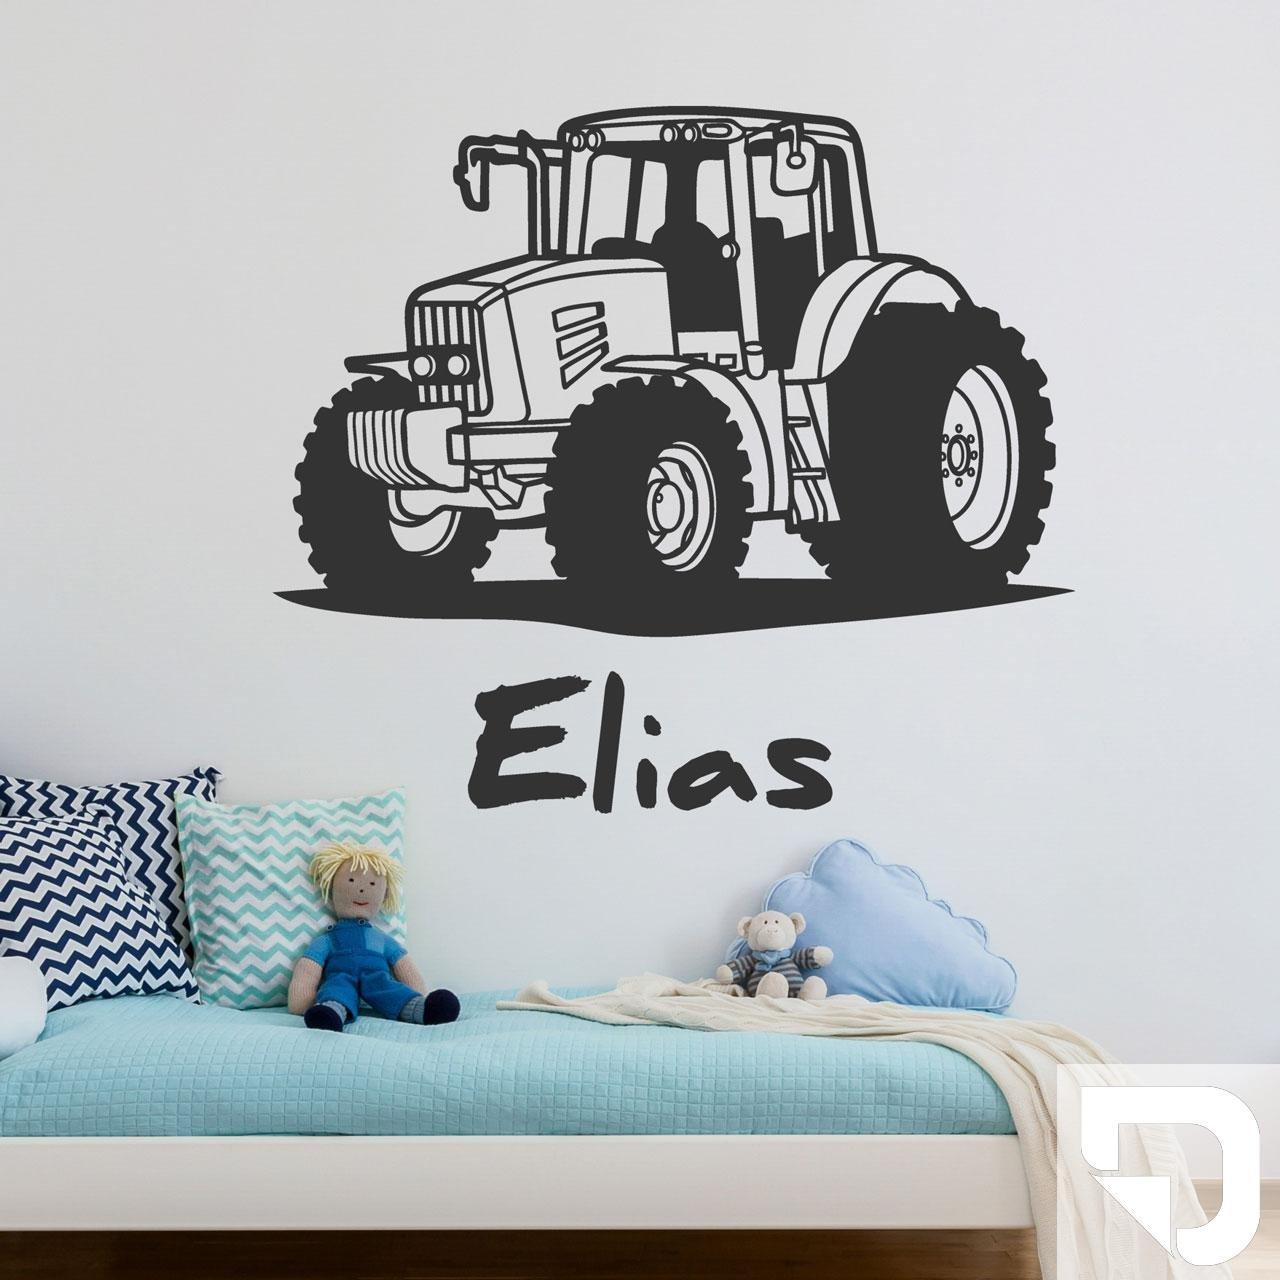 DESIGNSCAPE® Wandtattoo Traktor Traktor Traktor mit Wunschname   Wandtattoo Junge Kinderzimmer 90 x 60 cm (Breite x Höhe) schwarz DW808182-M-F4 B071HWYHRN Wandtattoos & Wandbilder 8c673c